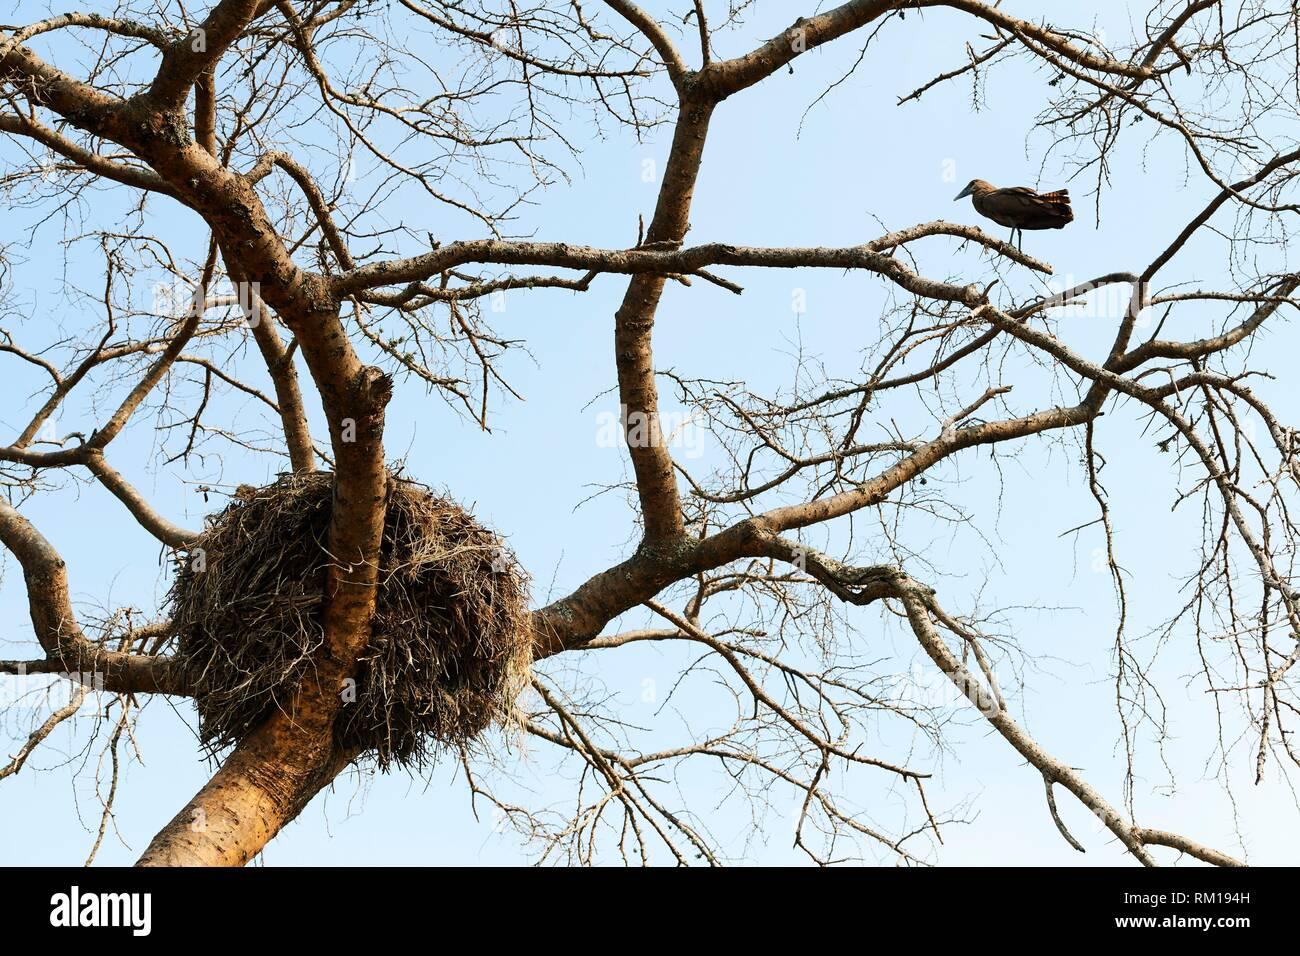 Hamerkop (Scopus umbretta) auf die Niederlassung in der Nähe von seinem Nest thront. Queen Elizabeth National Park, Uganda, Afrika. Stockbild